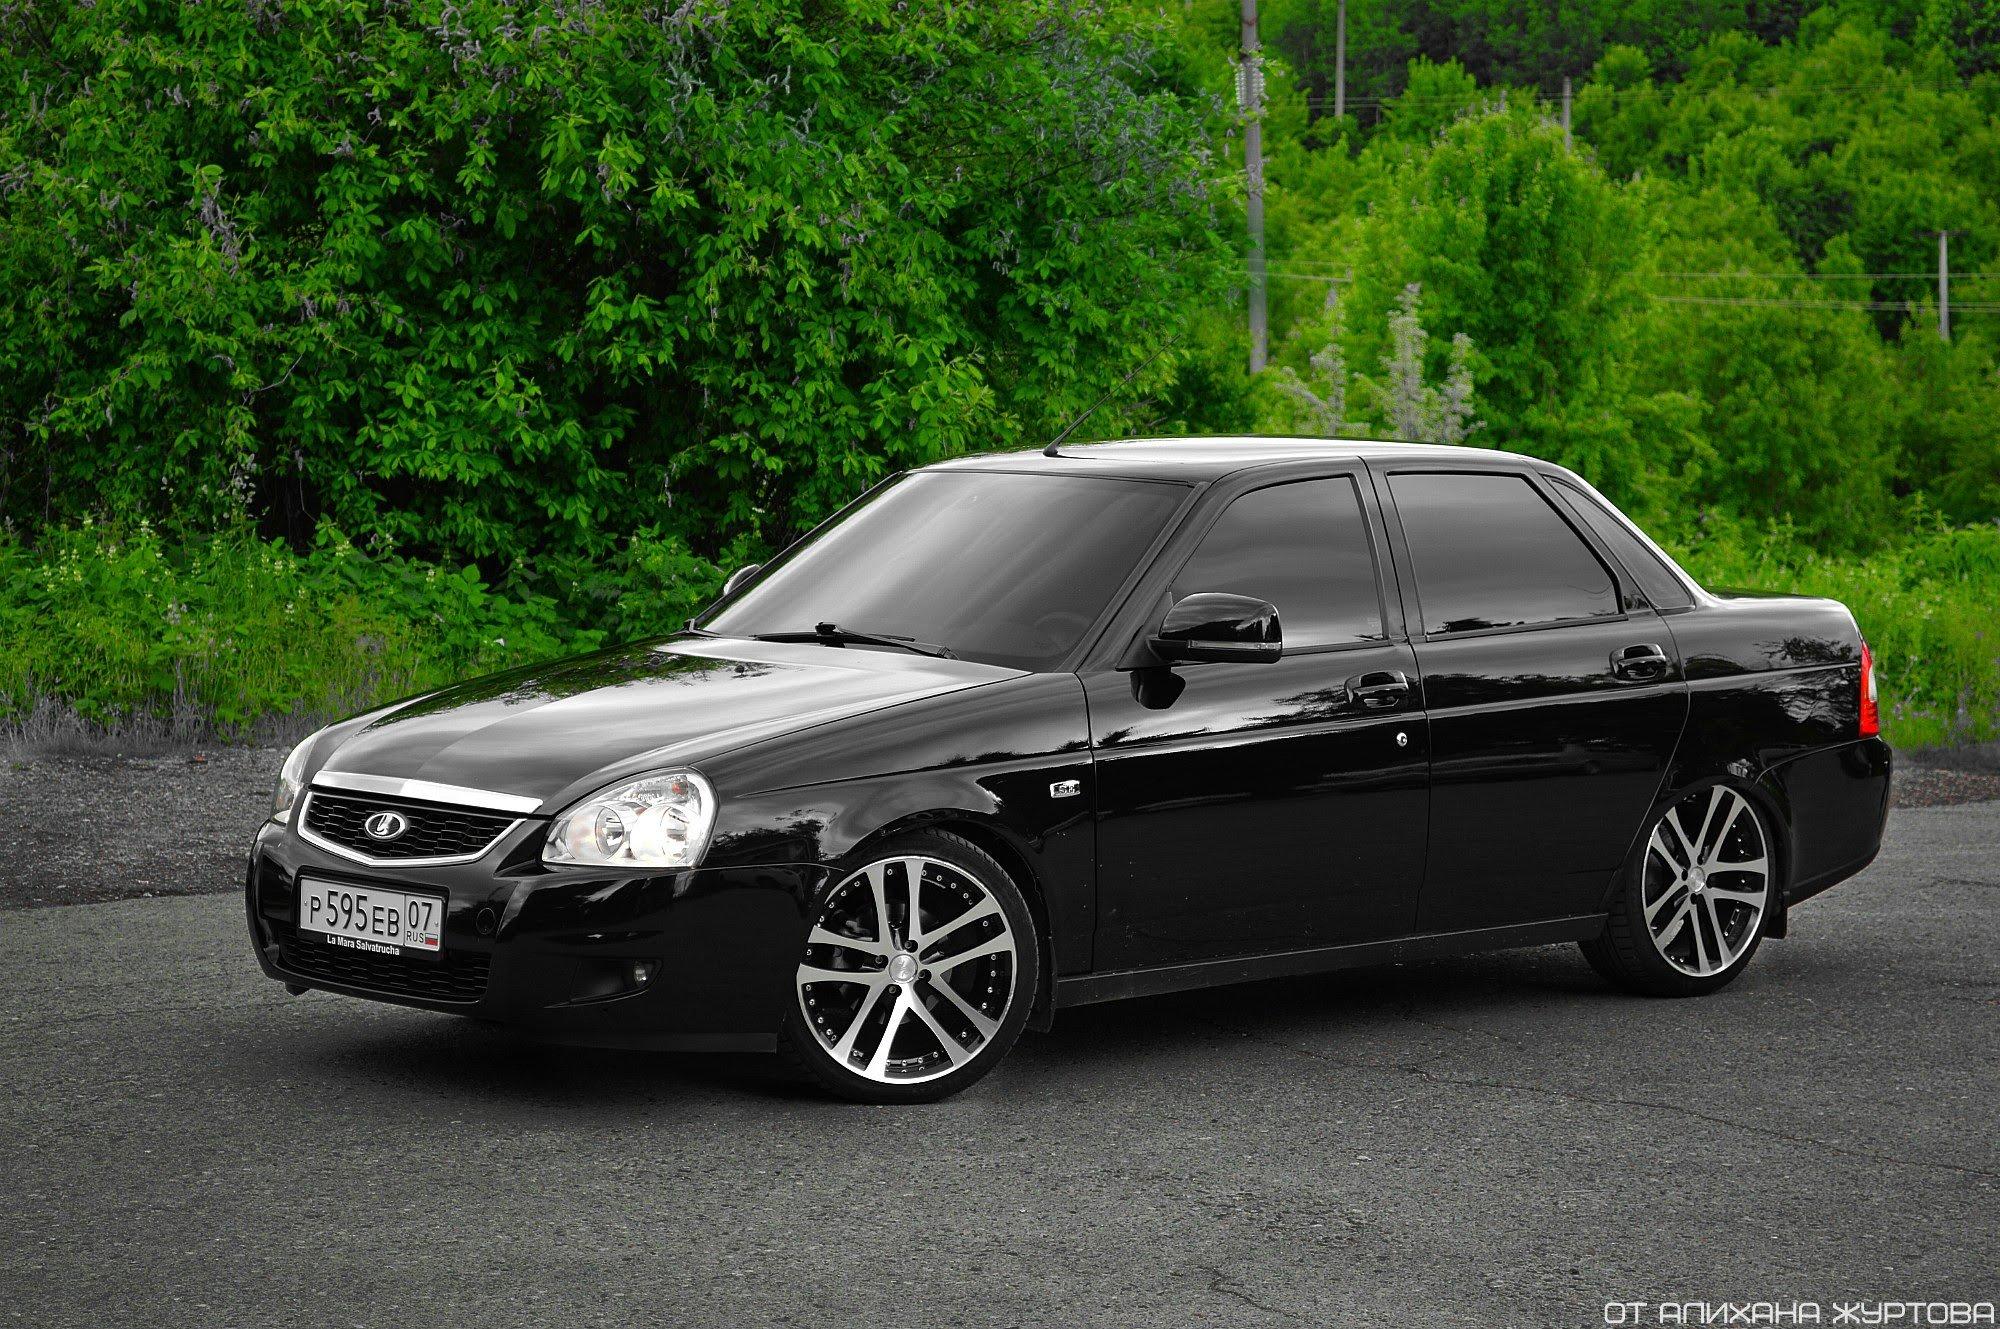 В Алтайском крае оживились продажи новых авто. Топ самых популярных